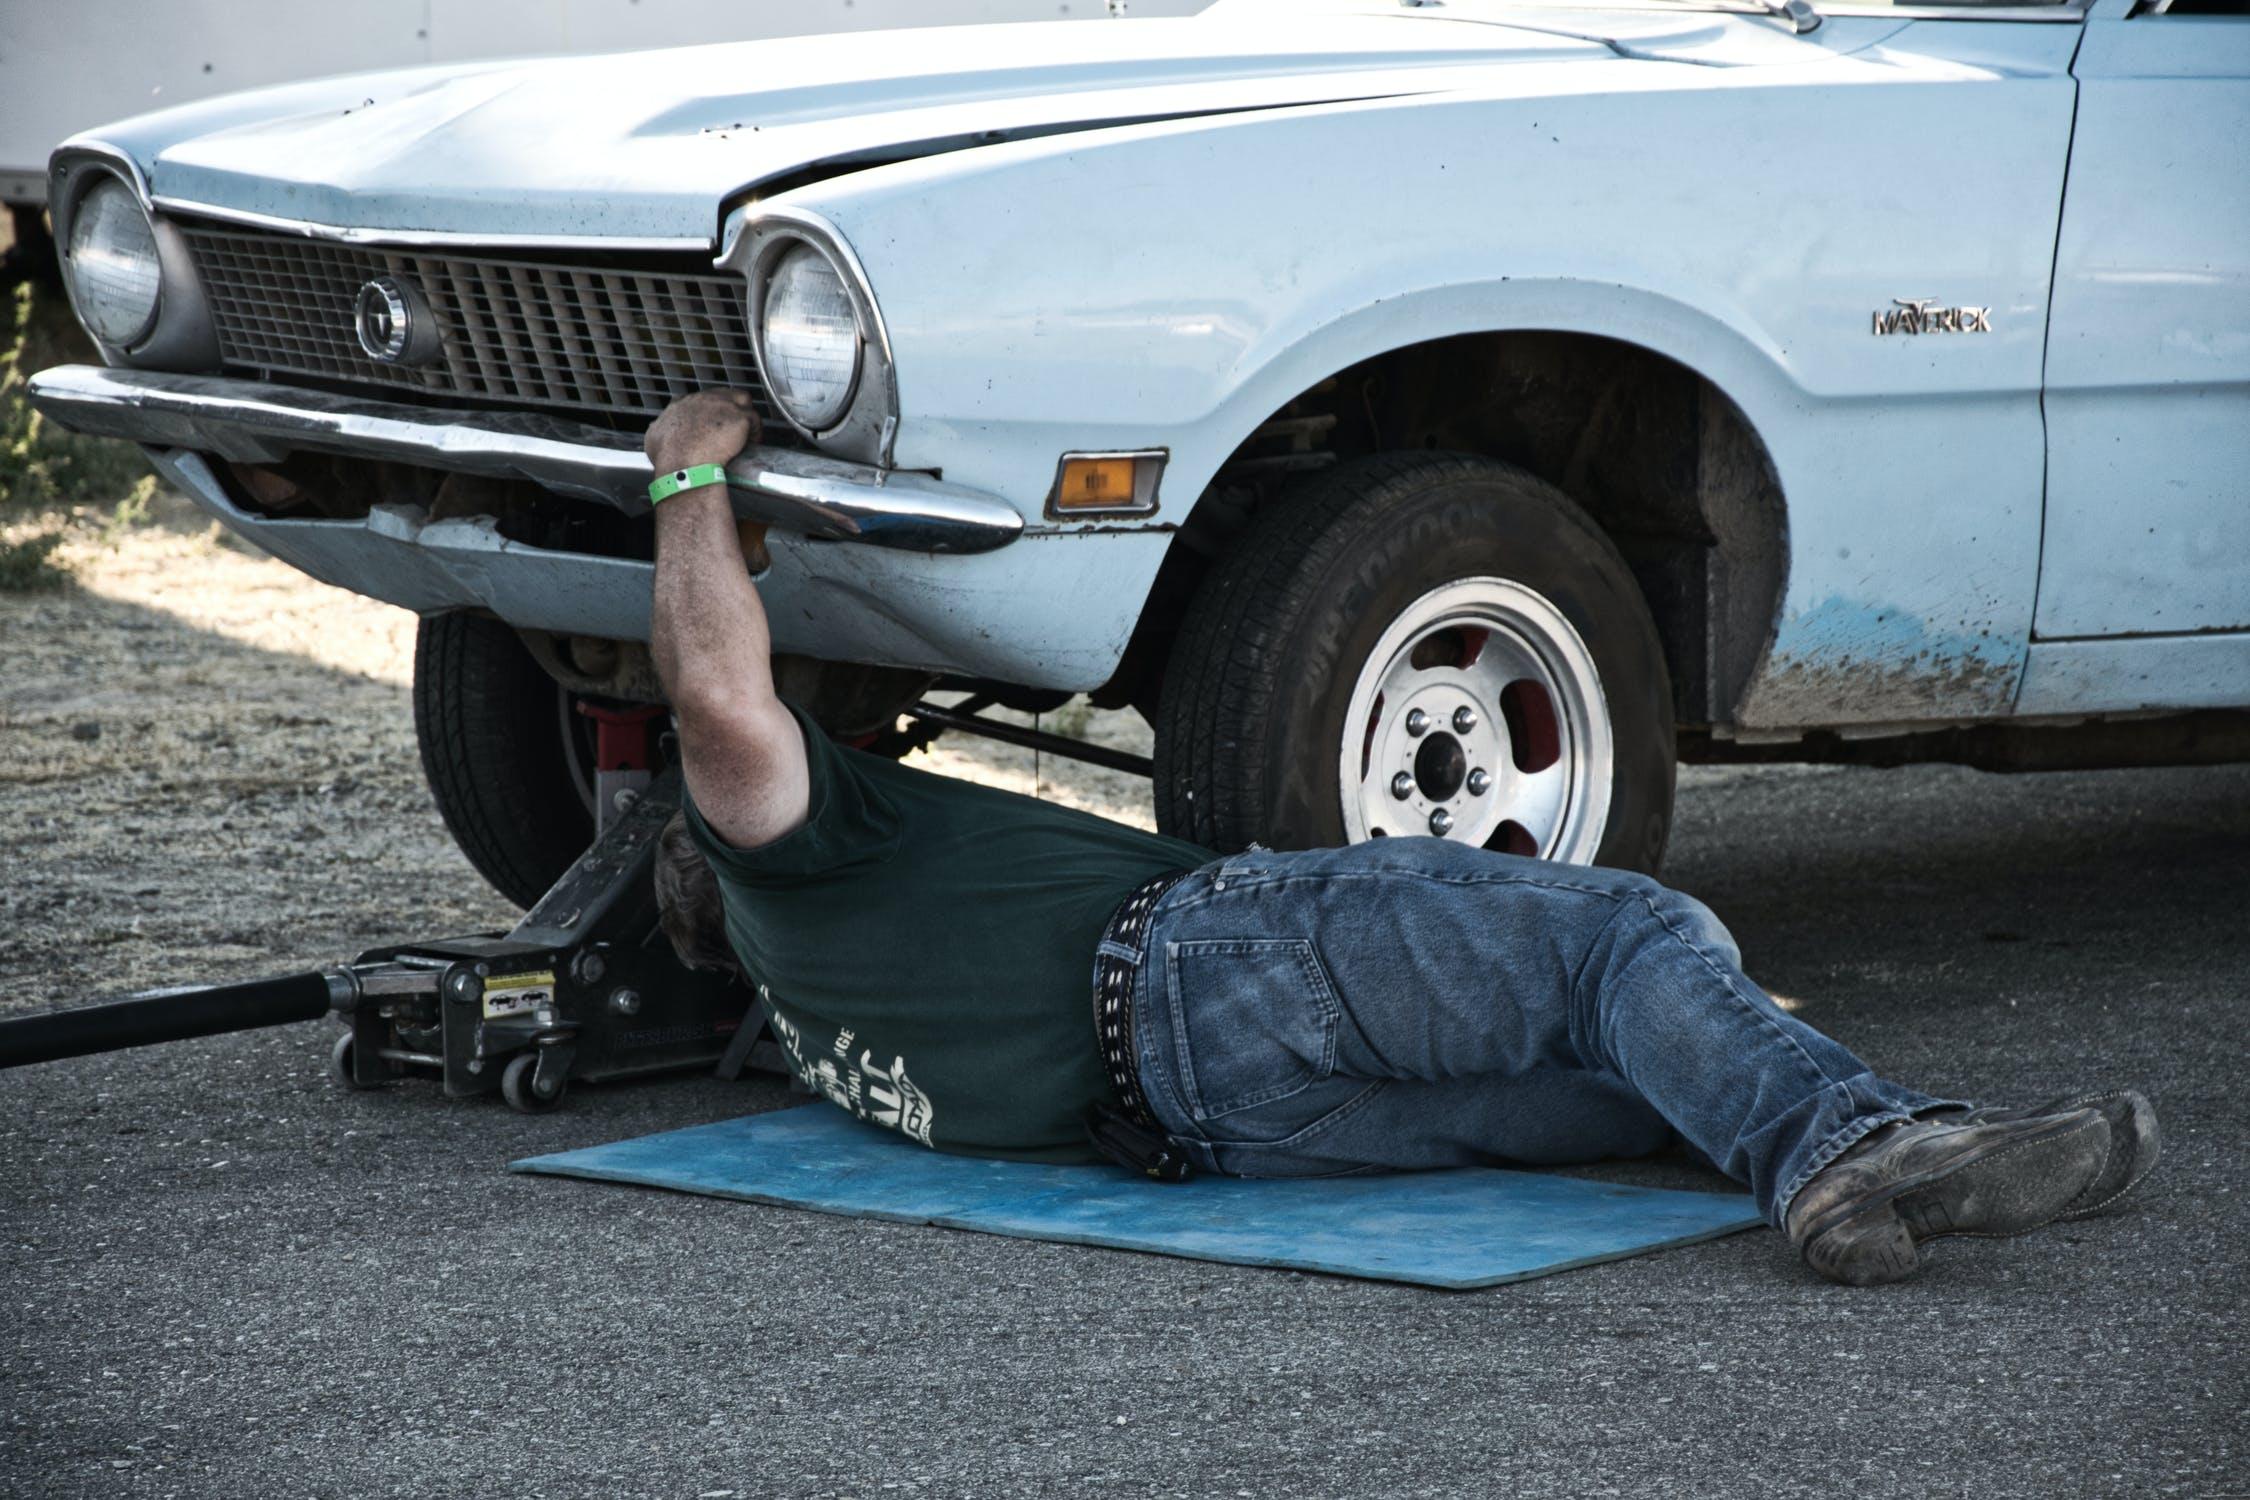 Naprawić samochód i nie zbankrutować